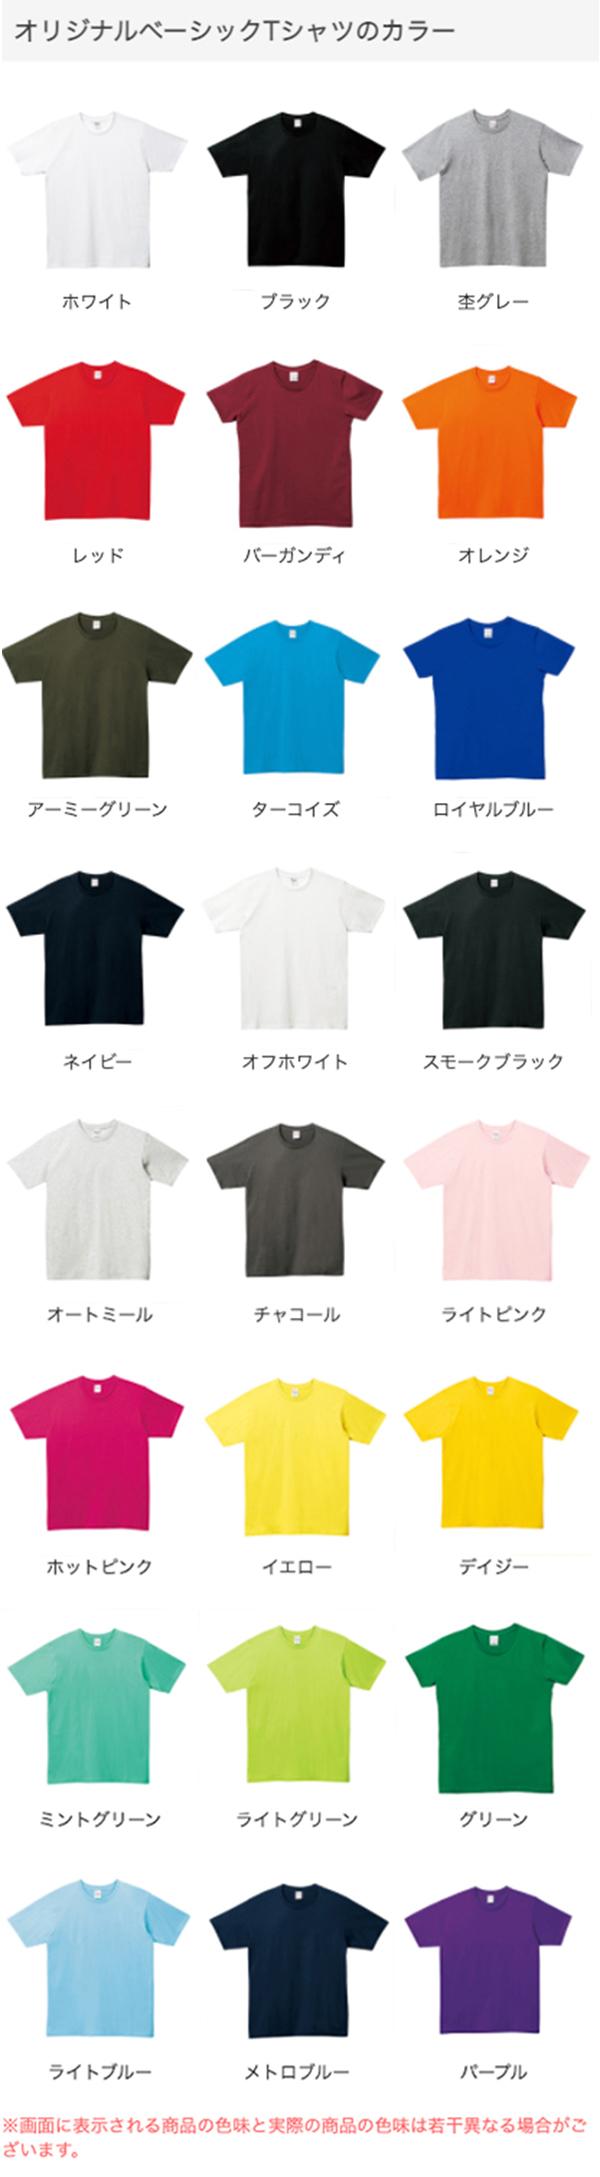 ベーシックTシャツのカラー